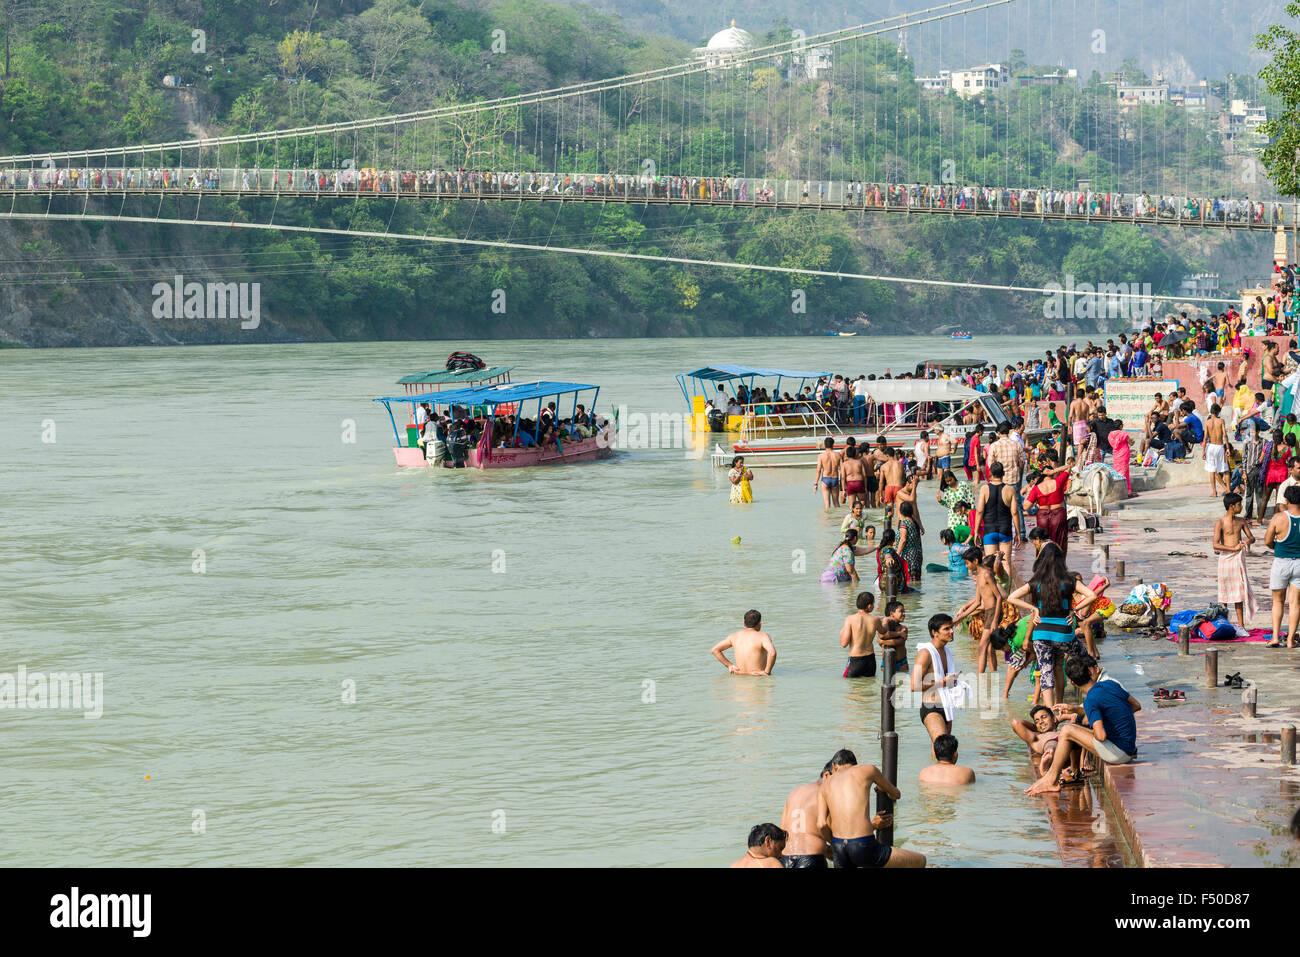 Les pèlerins sont en baignoire sur les rives de la fleuve saint Ganges, le pont ram jhula et d'un traversier dans Banque D'Images